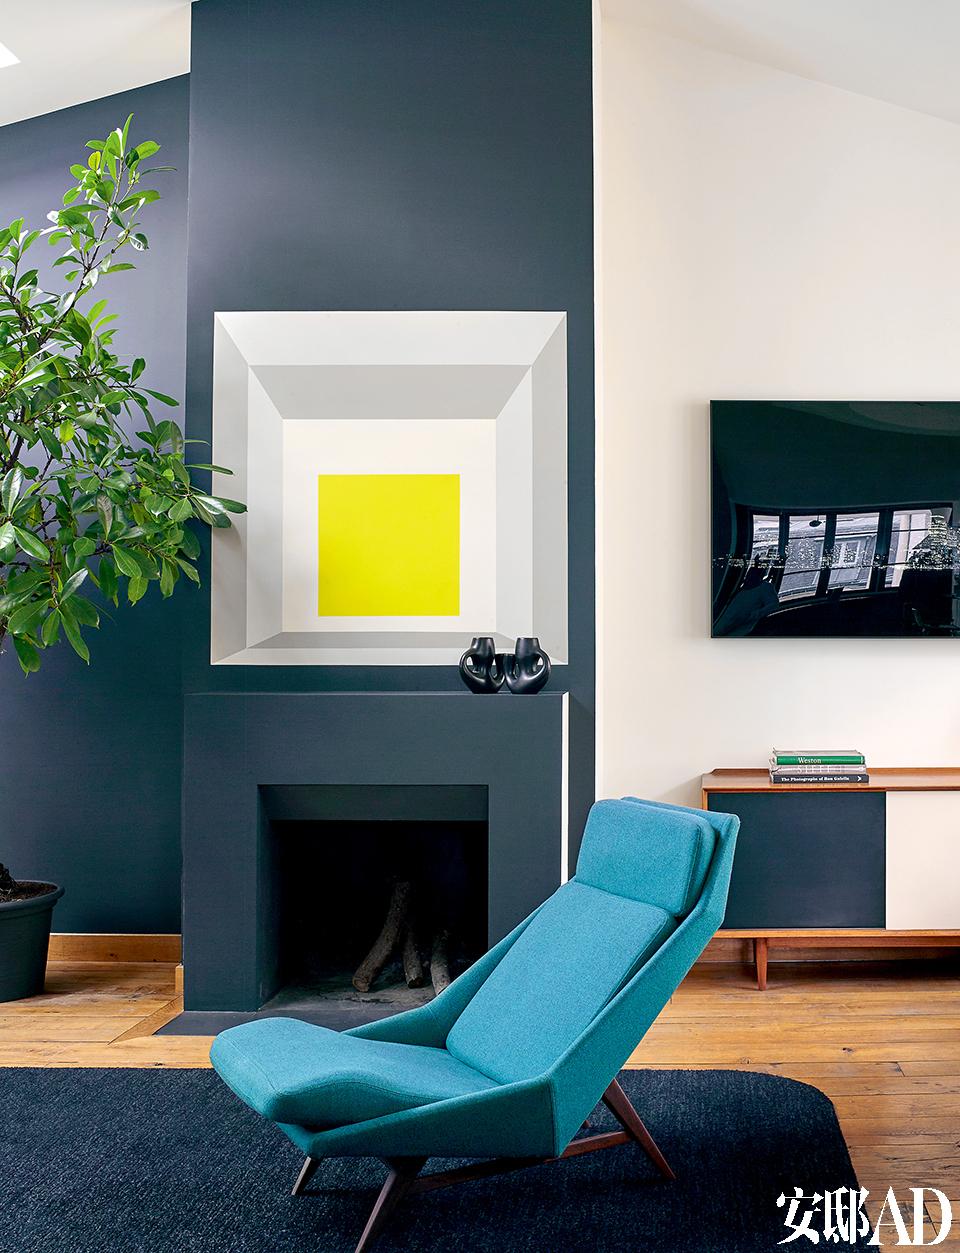 蓝色矮脚靠椅是Gio Ponti的作 品。壁炉上的两件黑色瓷器是20世纪50年代法国Revernay烧制出品的。Florence Lopez特别觅来了火车老木轨,用来铺设地板。